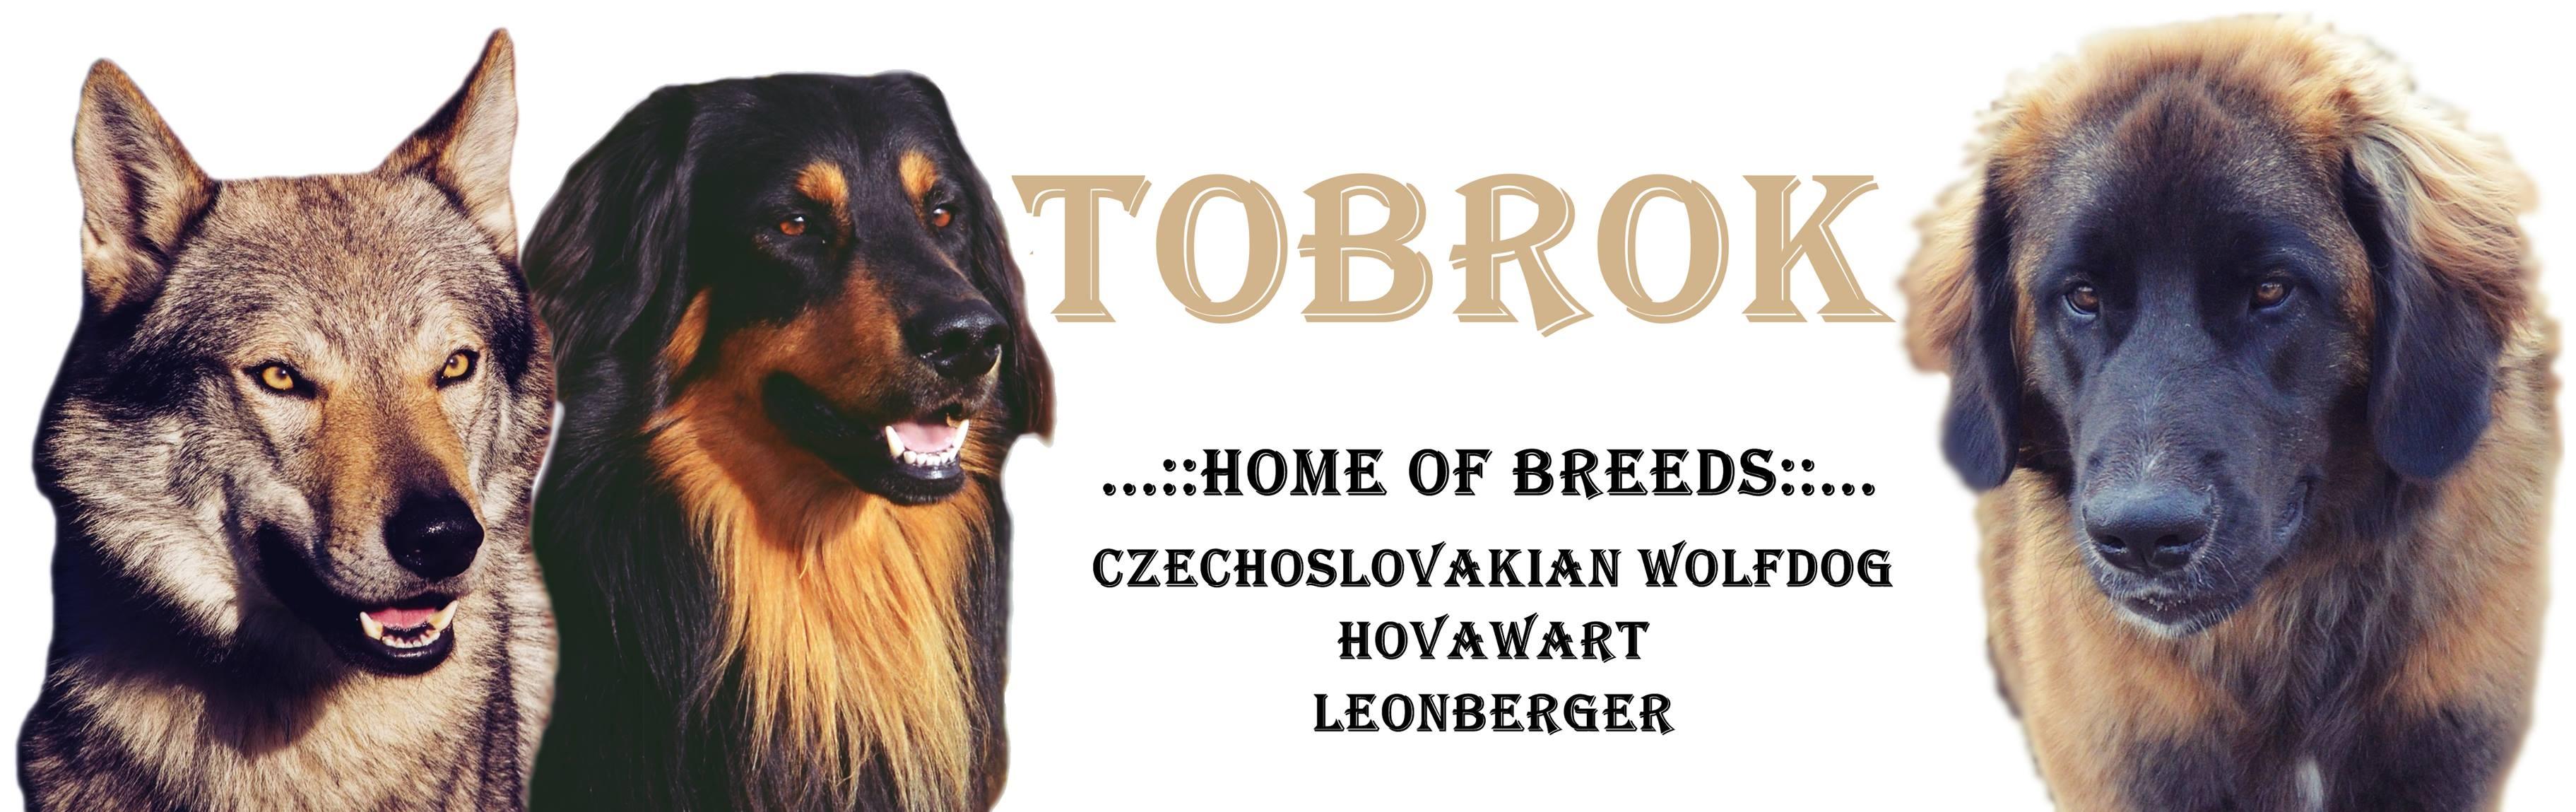 Tobrok